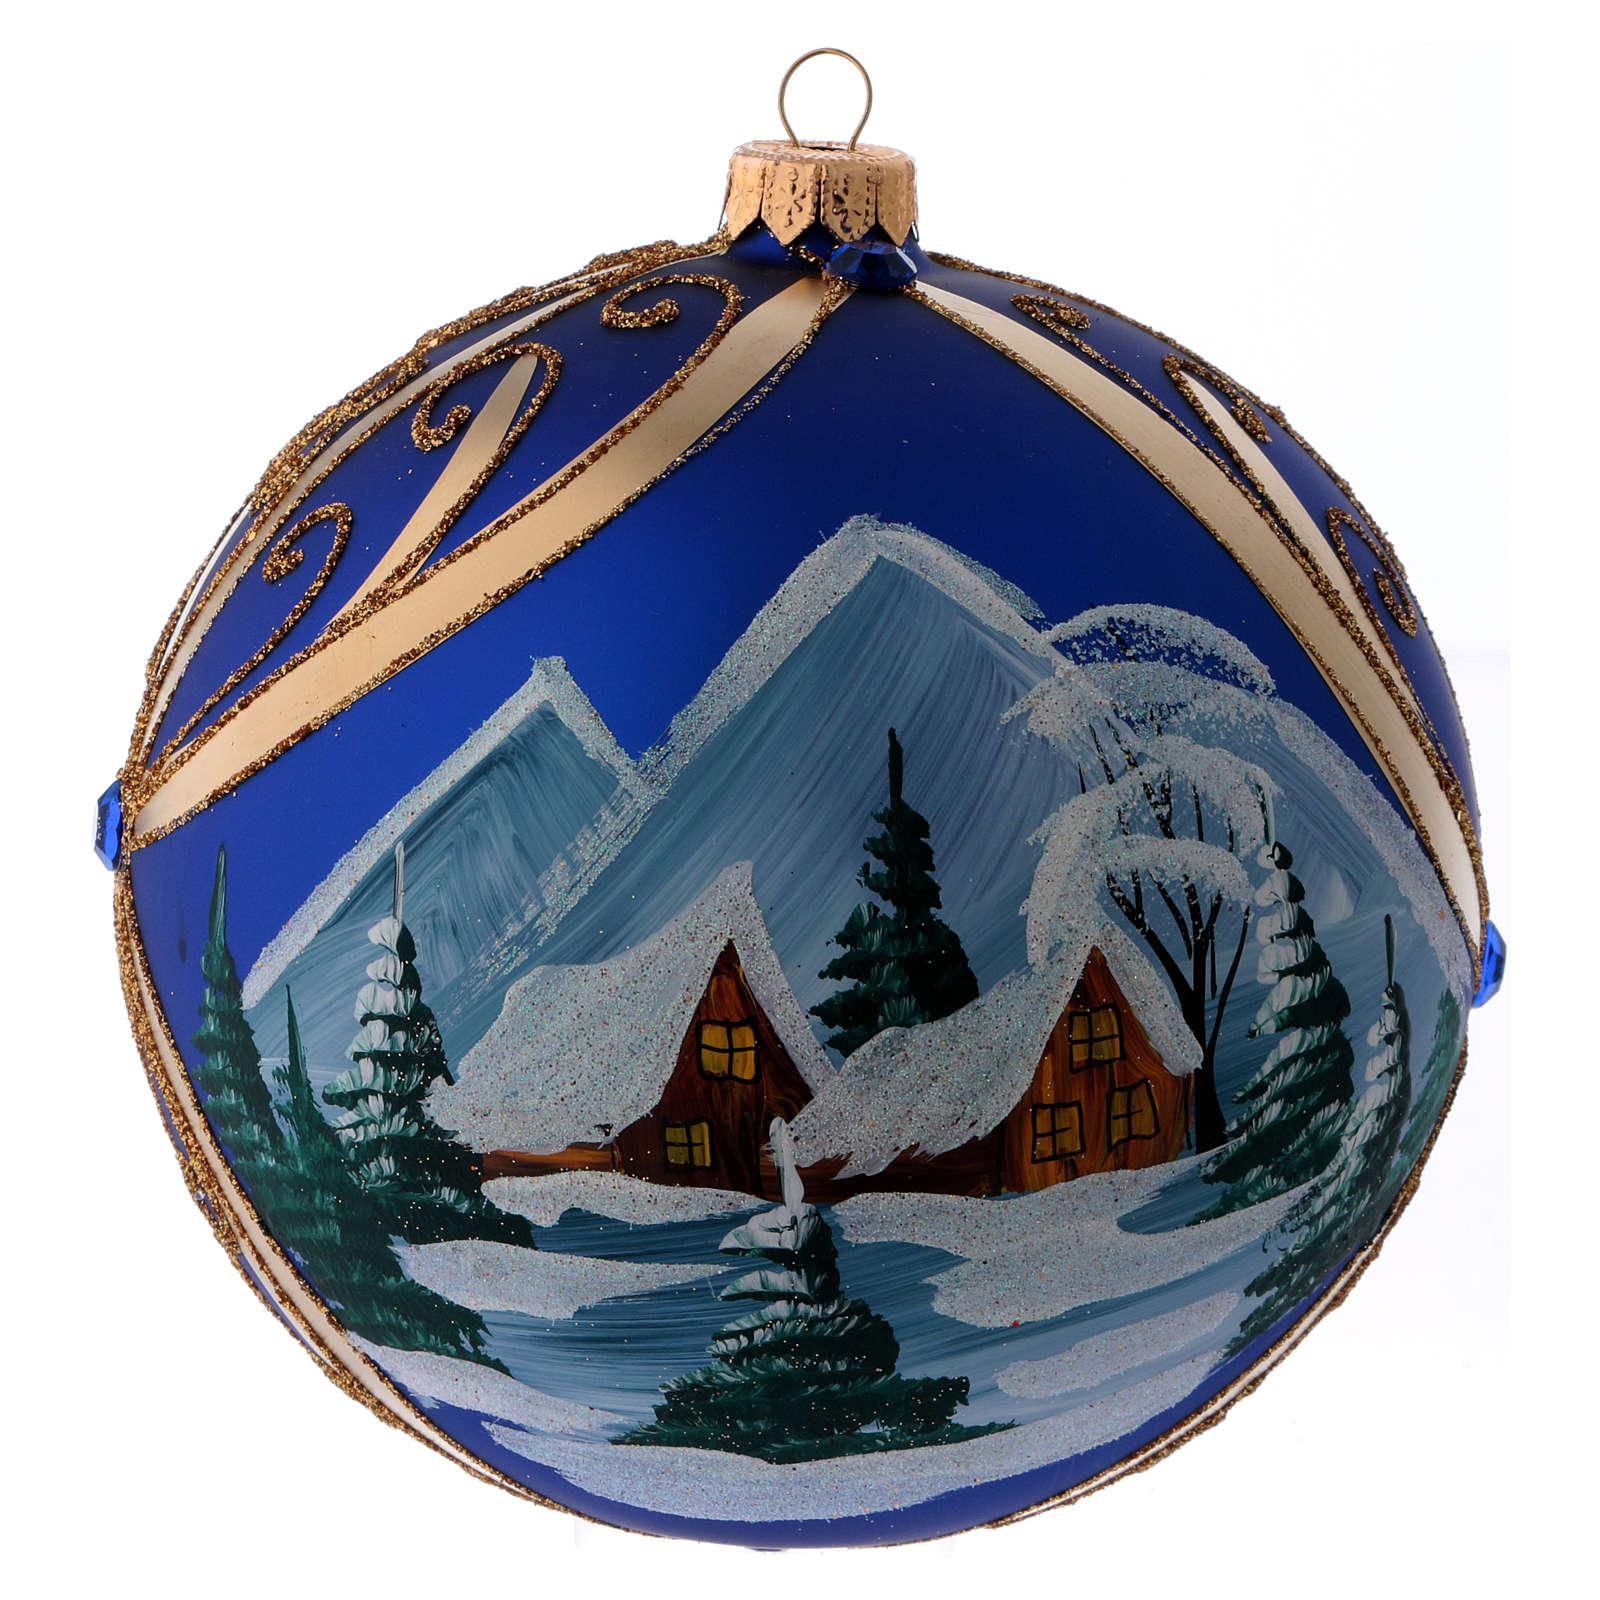 Palla di Natale vetro blu paesaggio innevato in cornice dorata 150 mm 4